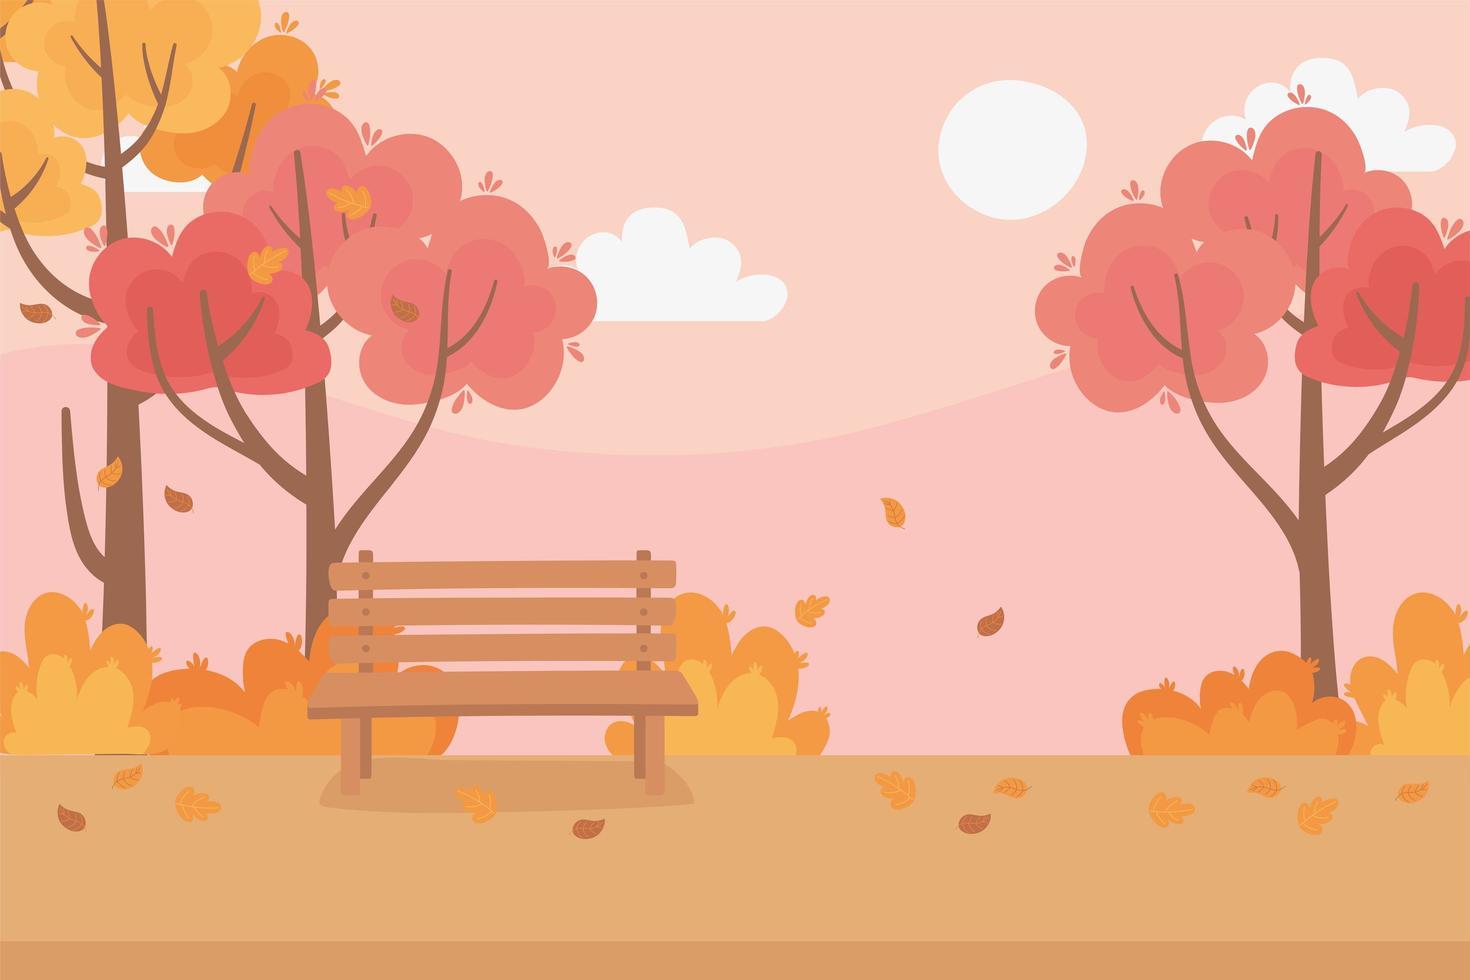 höstlöv, träd, ängnatur och parkbänk vektor